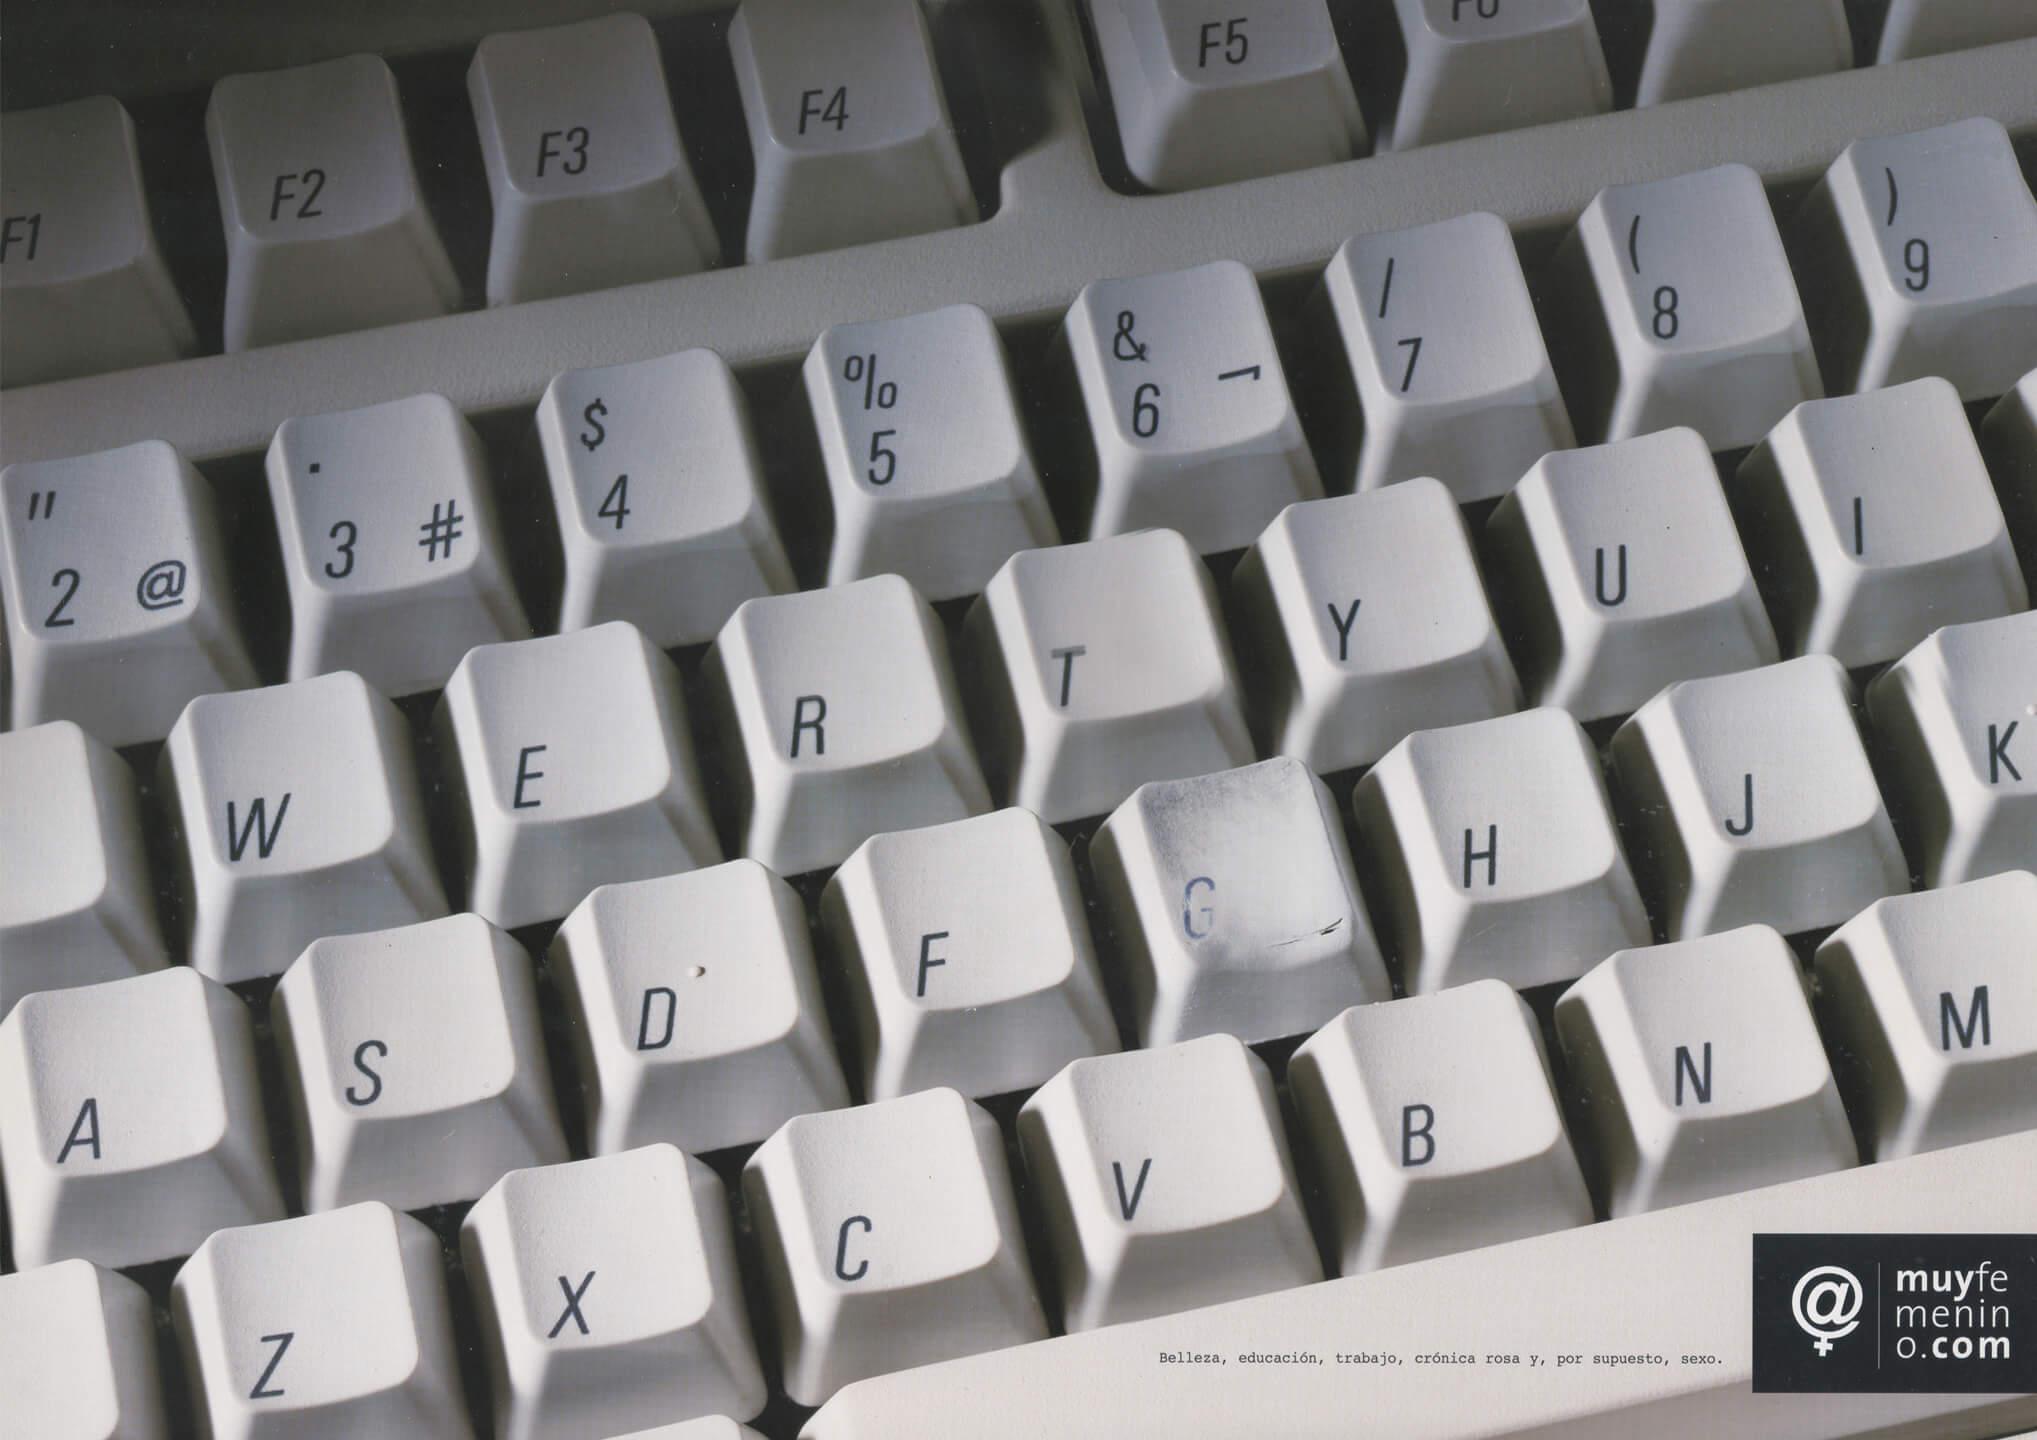 001-muyfemenino-teclado-beso